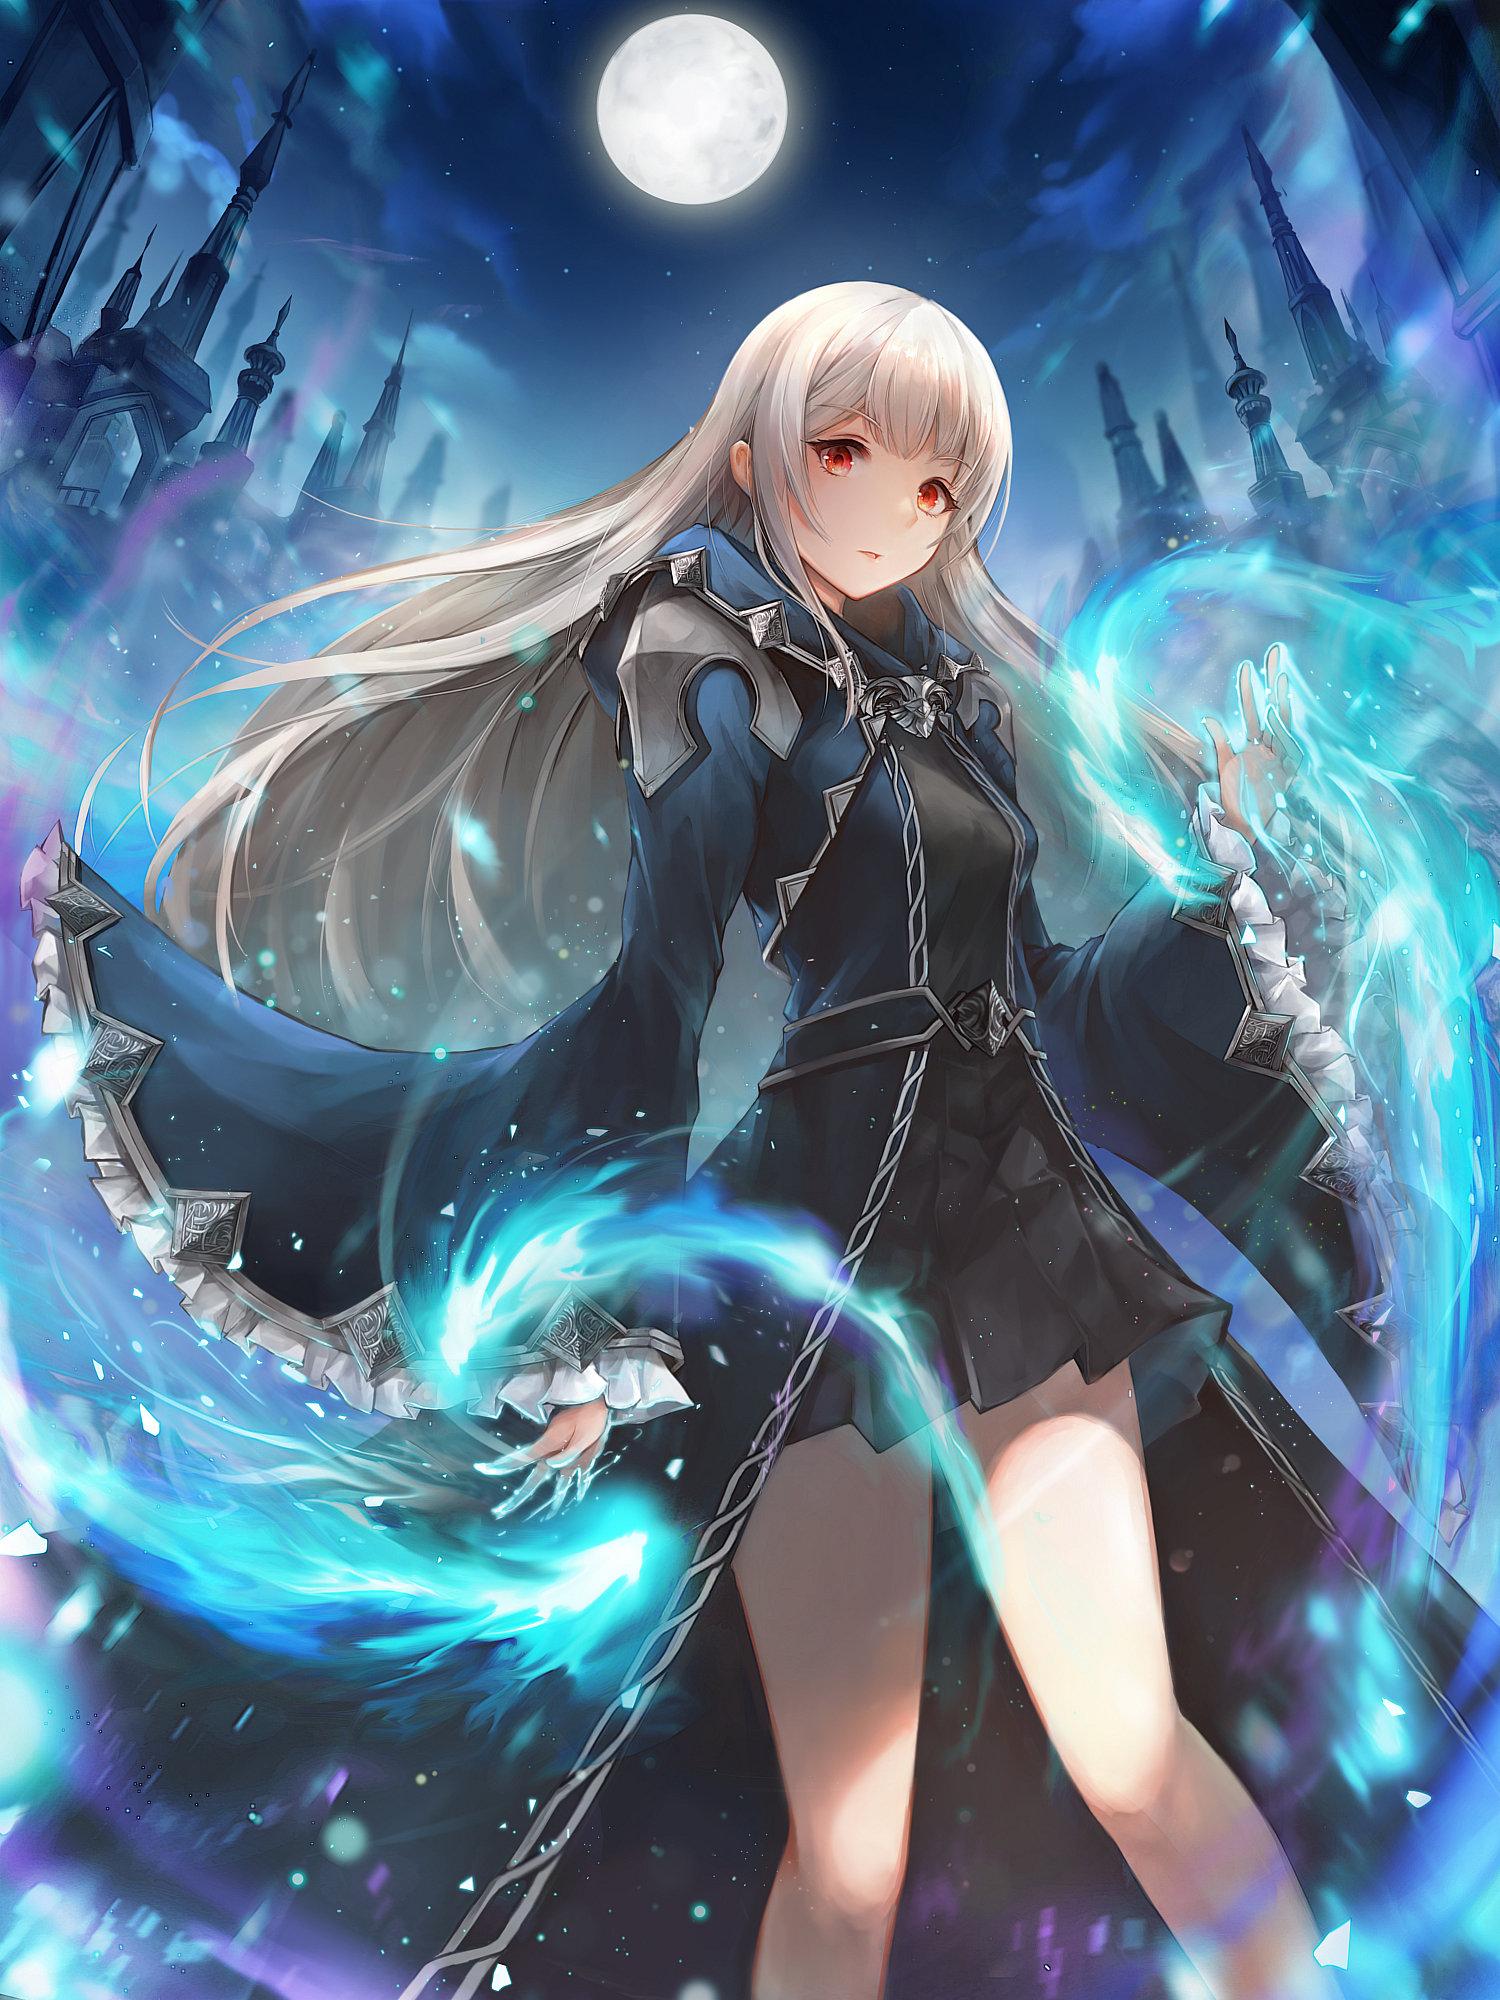 blue wizard - CrystalHerb